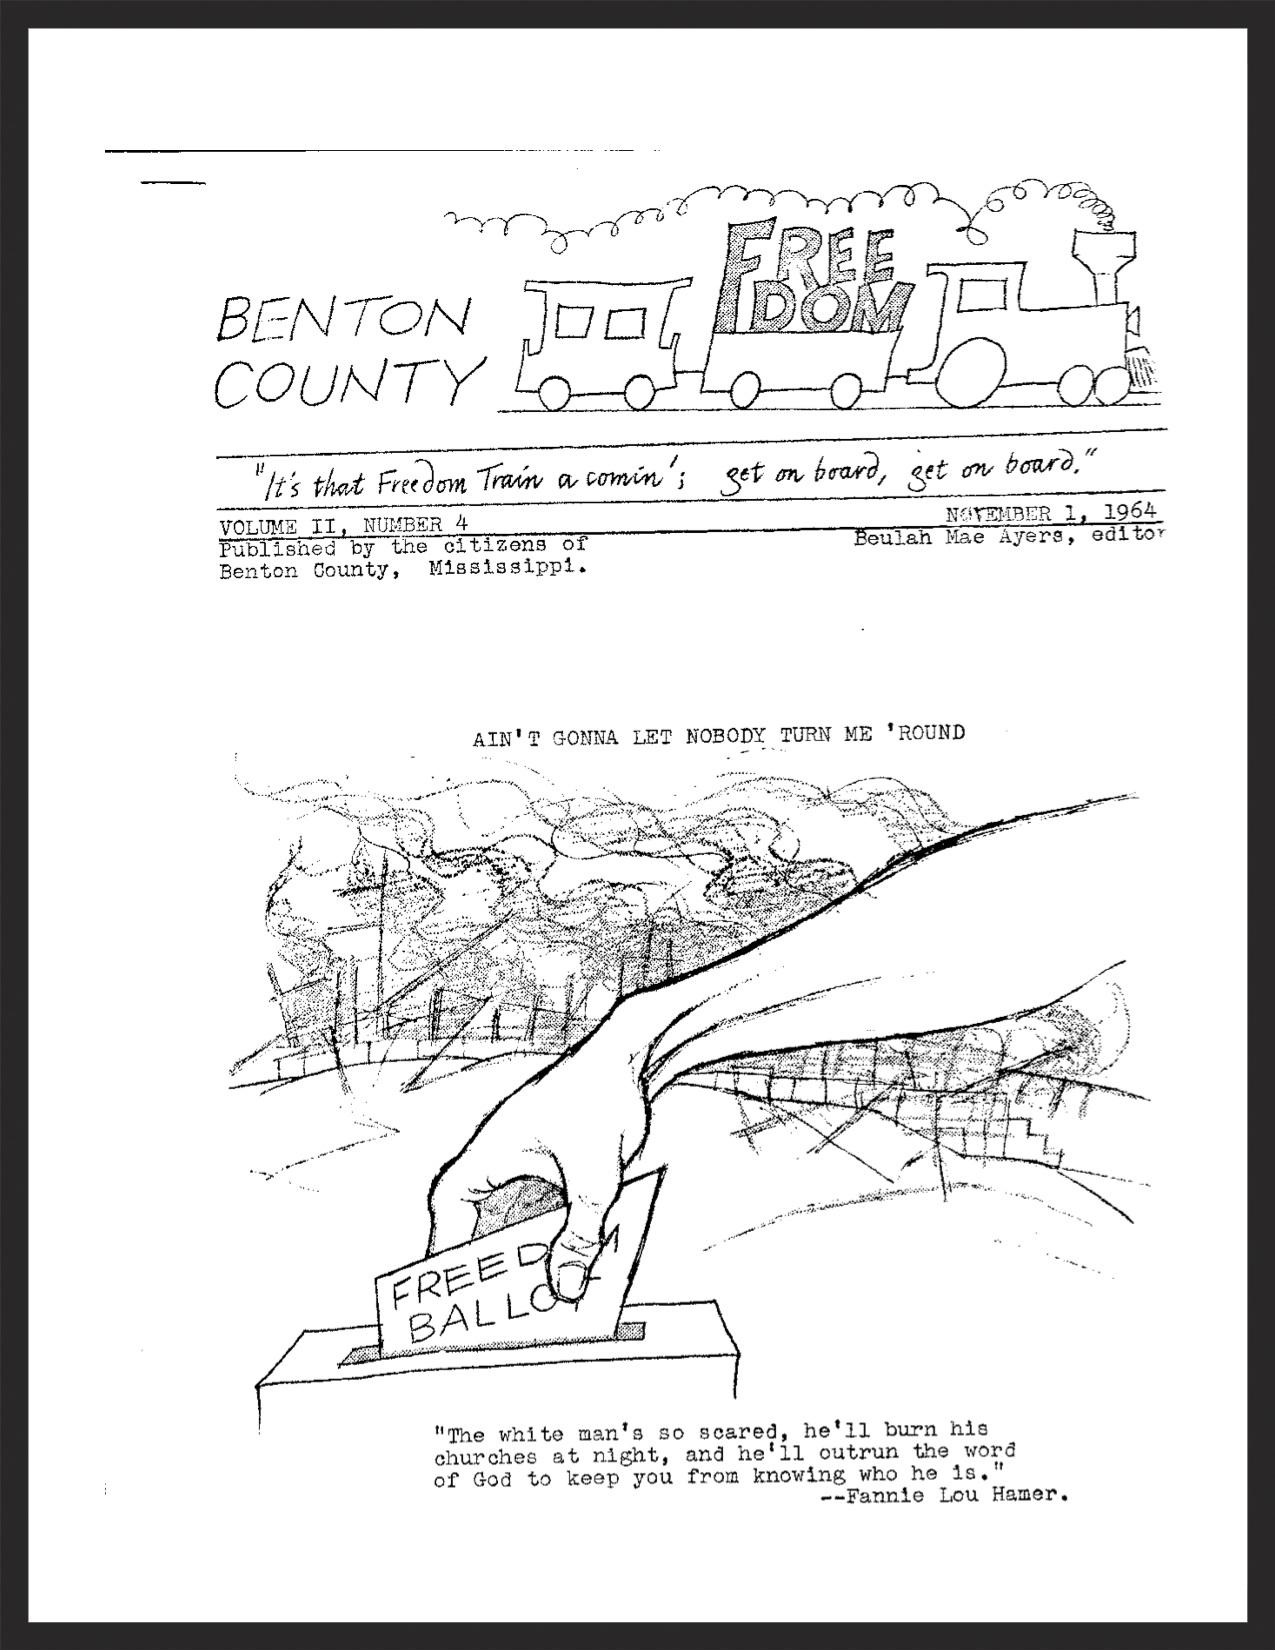 November 1, 1964